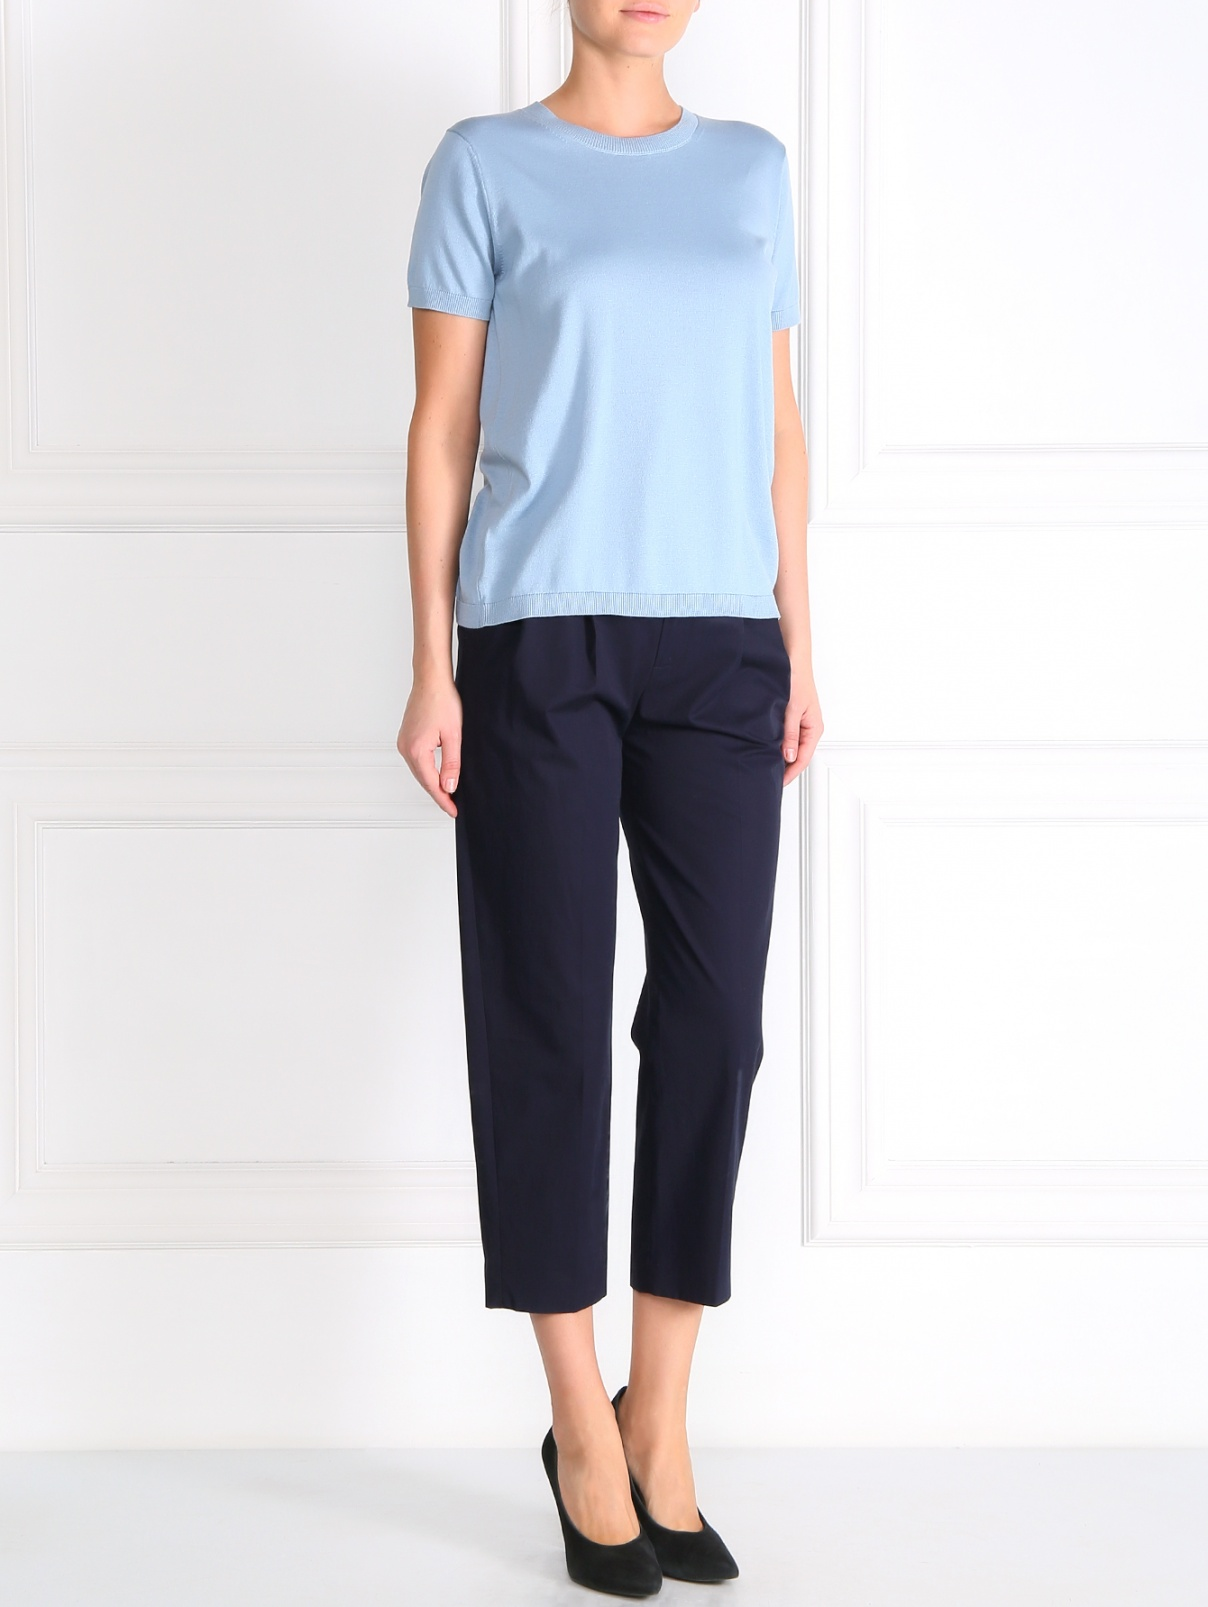 Укороченные свободные брюки из хлопка Paul Smith  –  Модель Общий вид